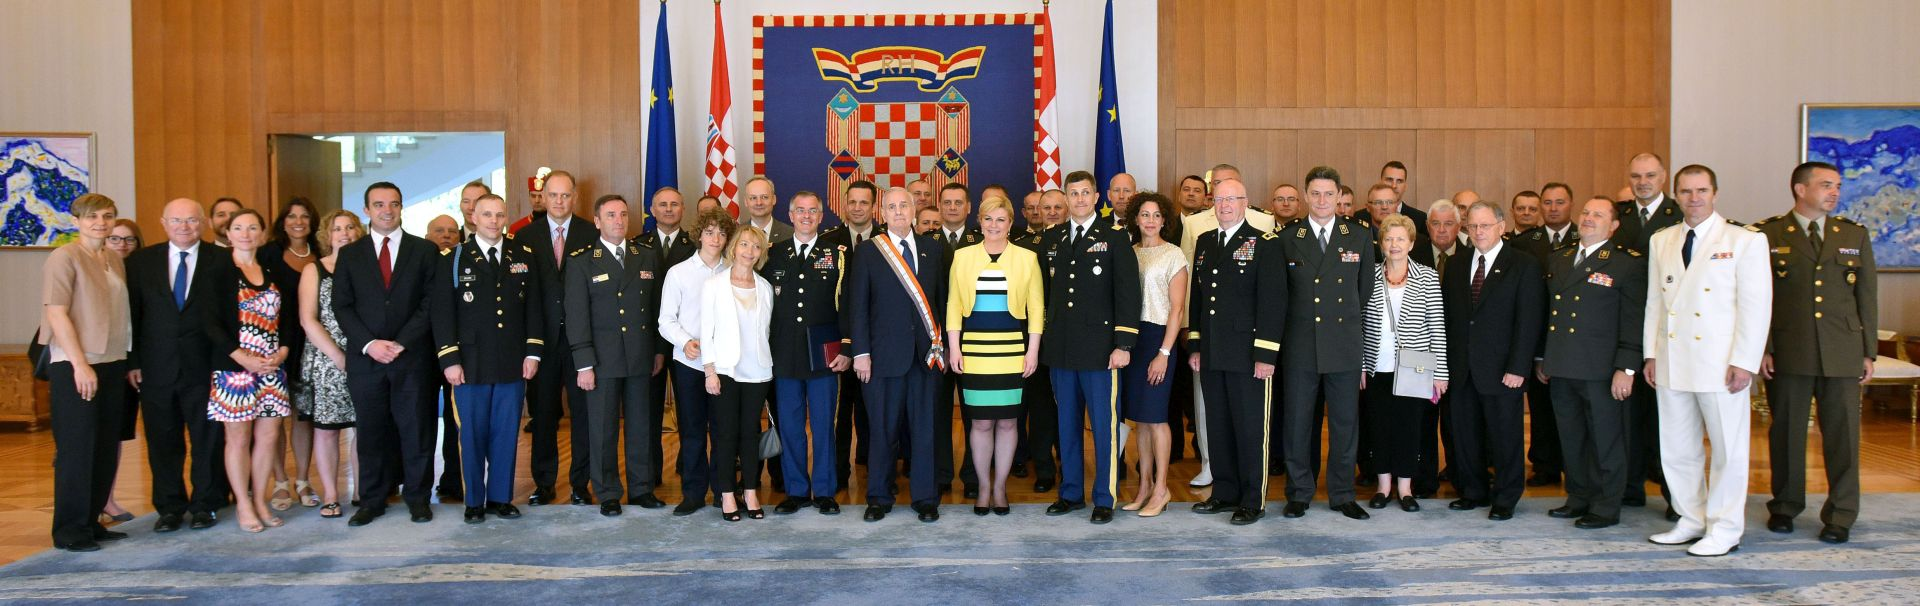 Obilježena dva desetljeća bilateralne obrambene suradnje Hrvatske i SAD-a